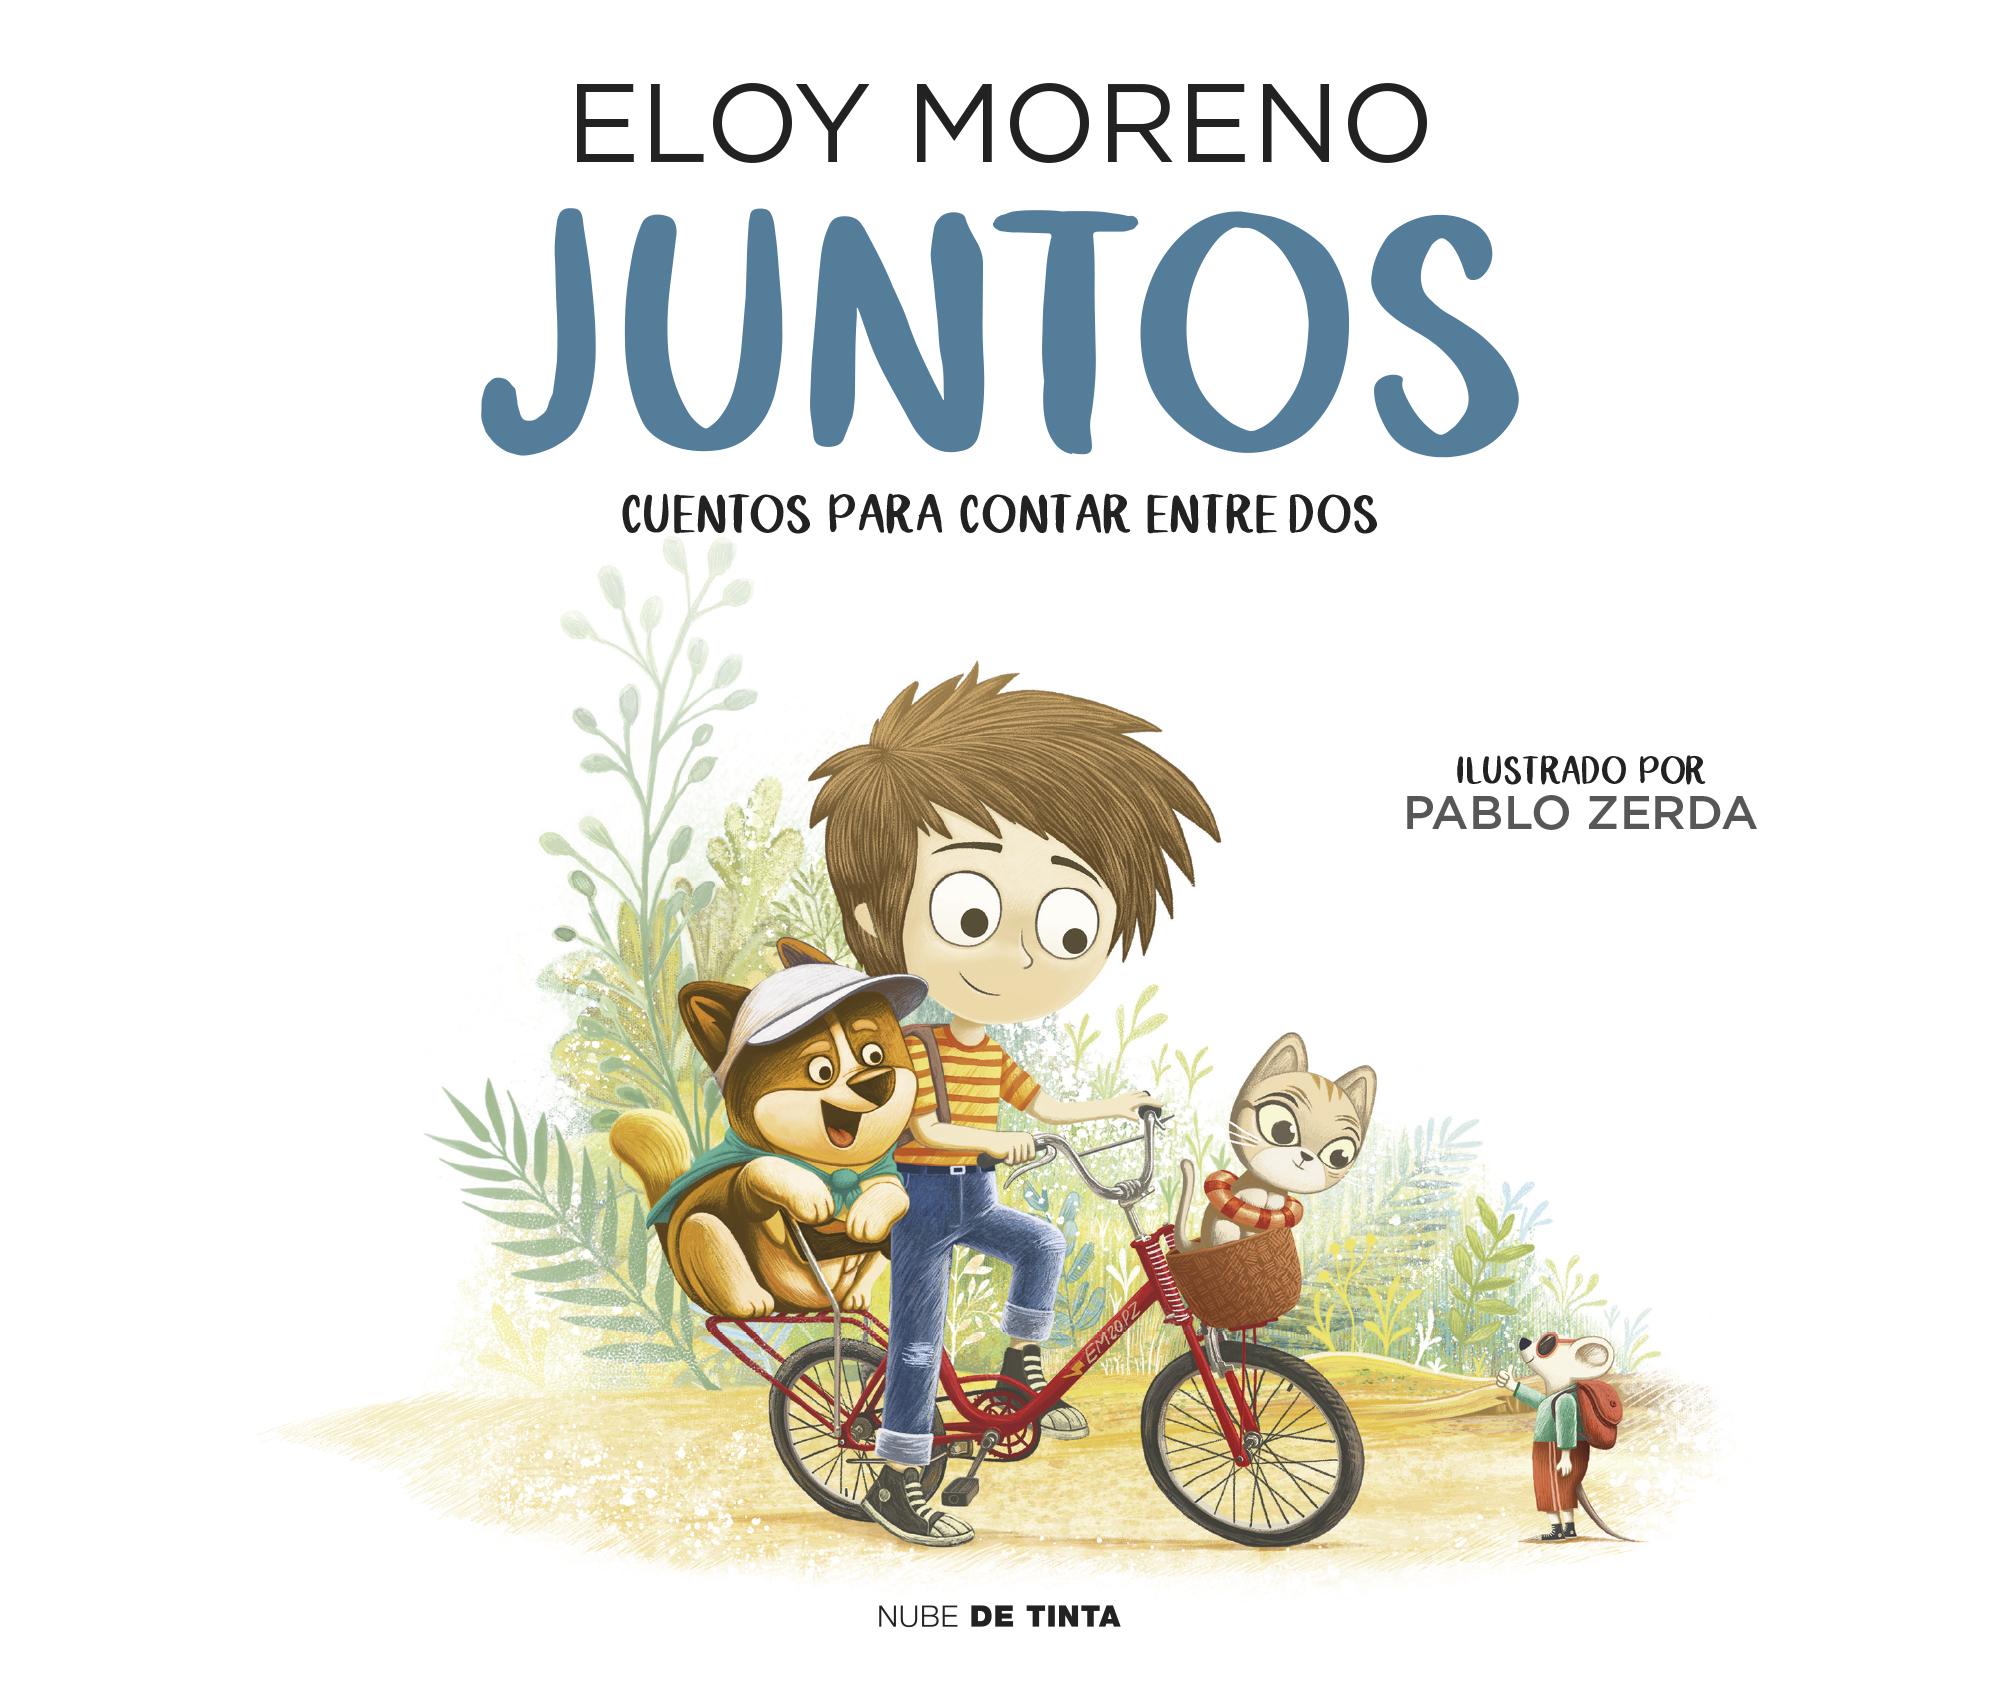 Juntos: Cuentos para contar entre dos - Eloy Moreno